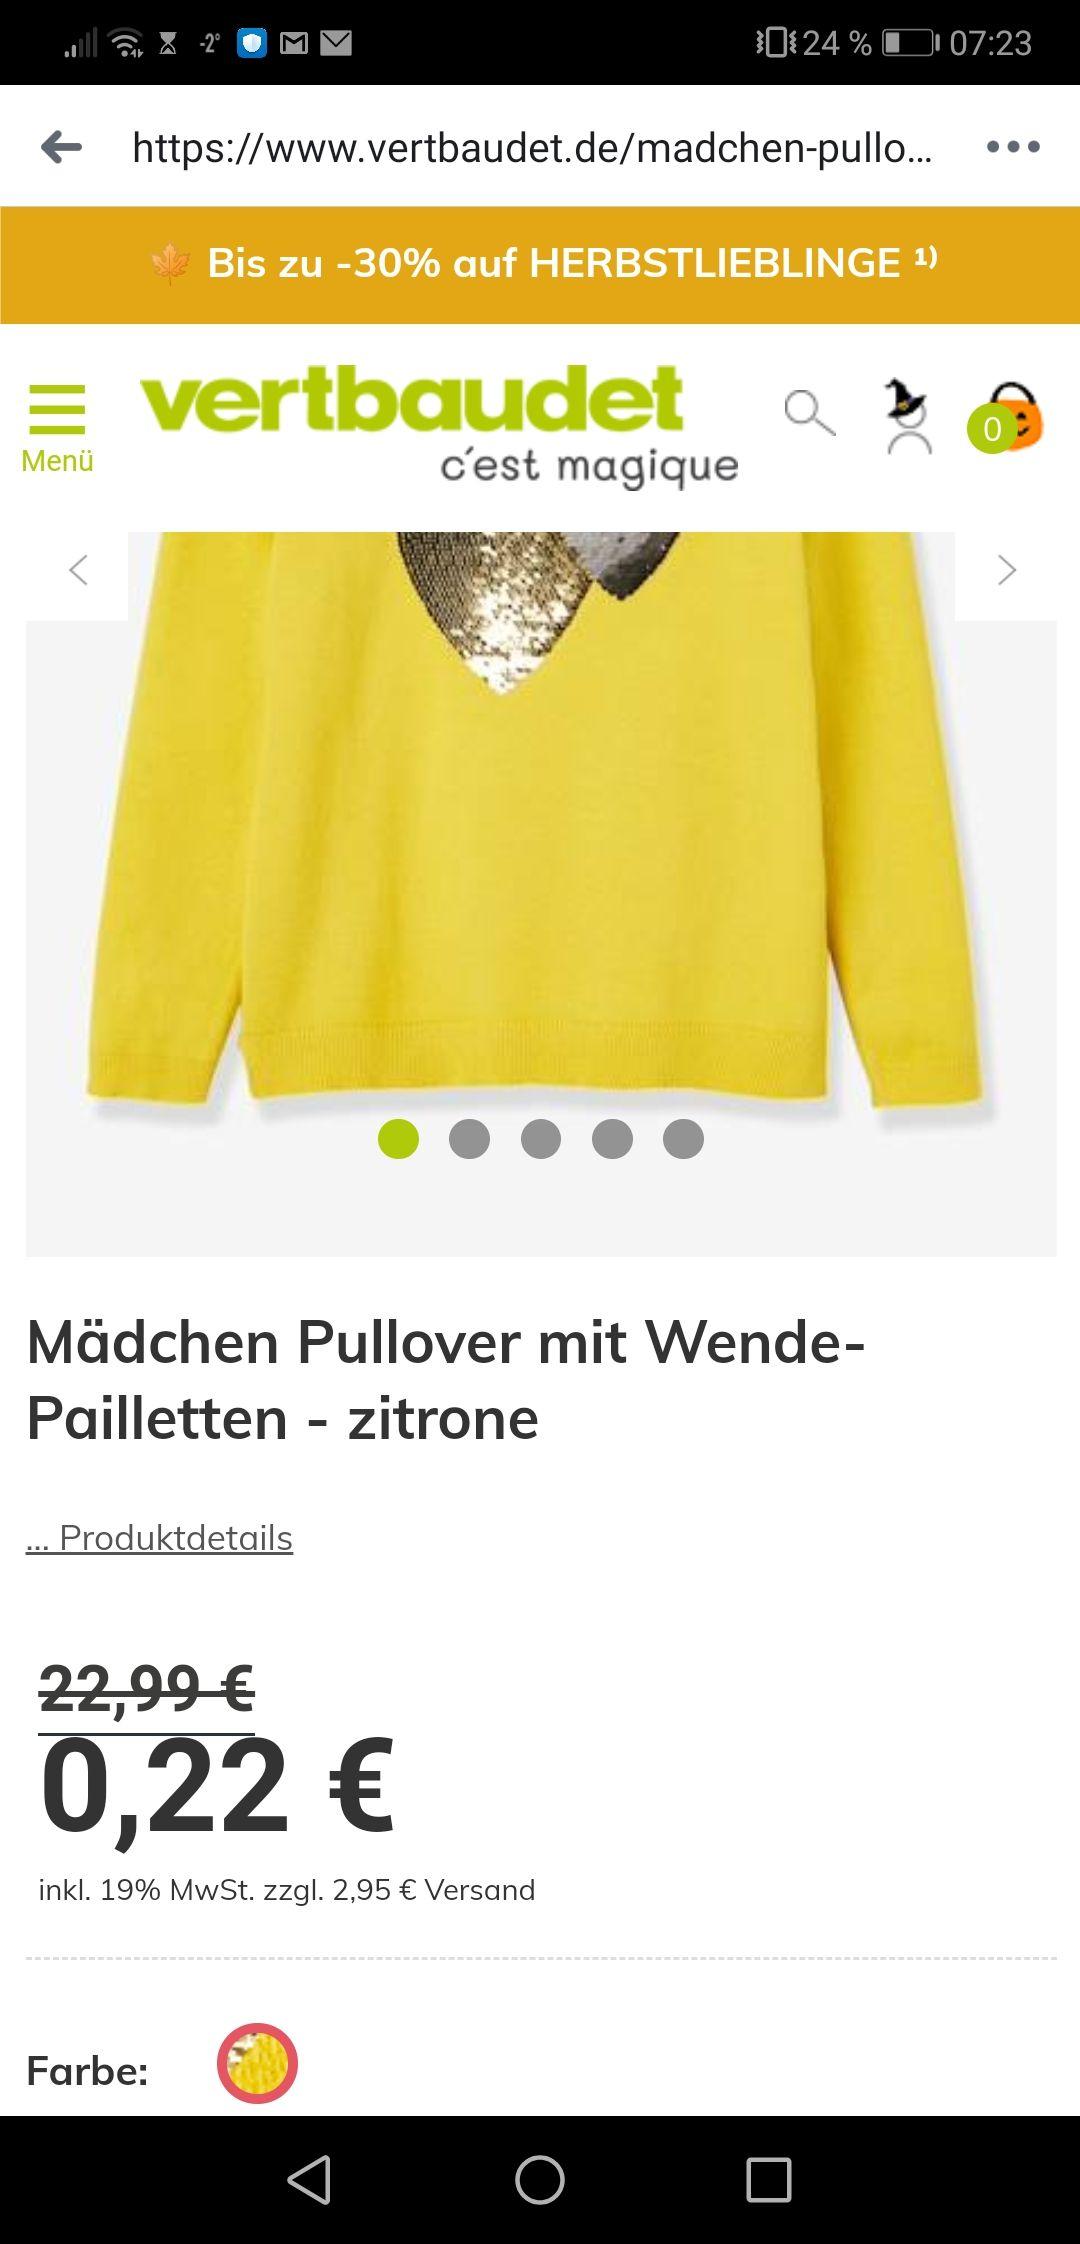 Flash-sale bei Vertbaudet, Kostenloser Versand durch Gutscheincode z.B. Mädchen Pullover mit Wende-Pailletten für 0,22€